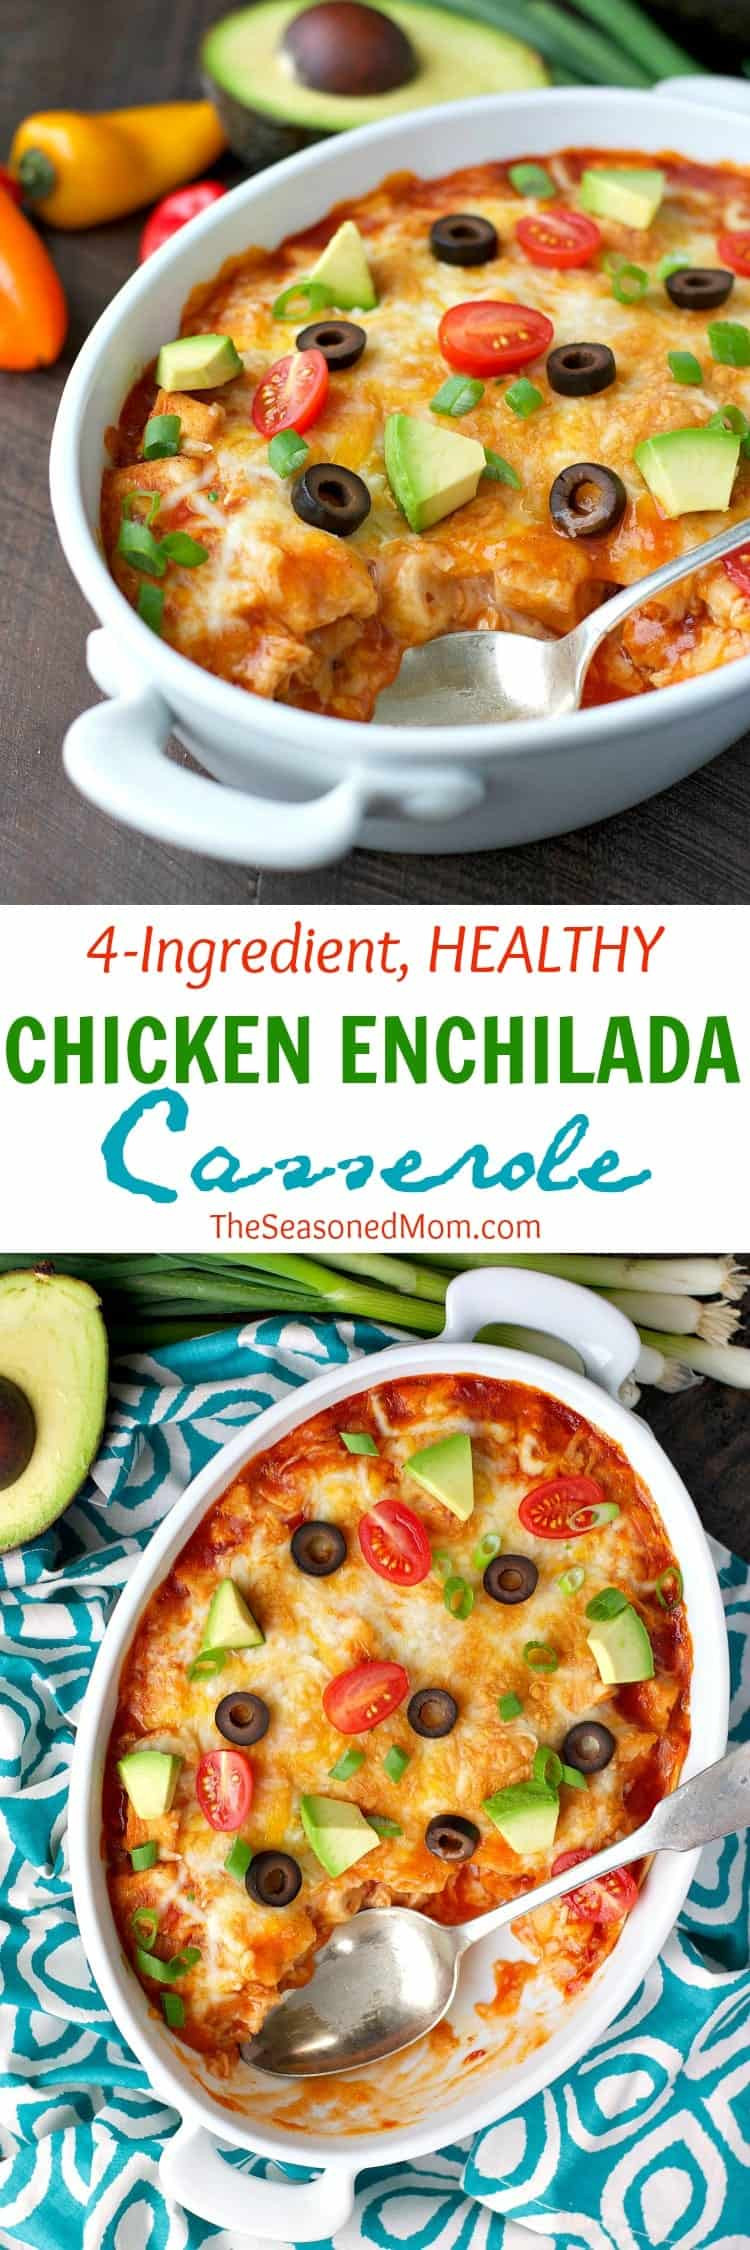 Healthy Chicken Enchilada Casserole  4 Ingre nt Healthy Chicken Enchilada Casserole The